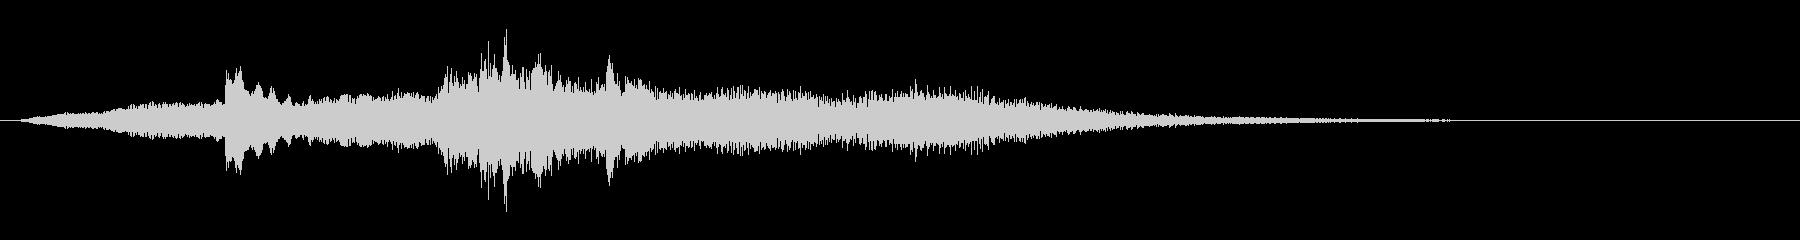 ピアノとストリングの優しいサウンドロゴの未再生の波形